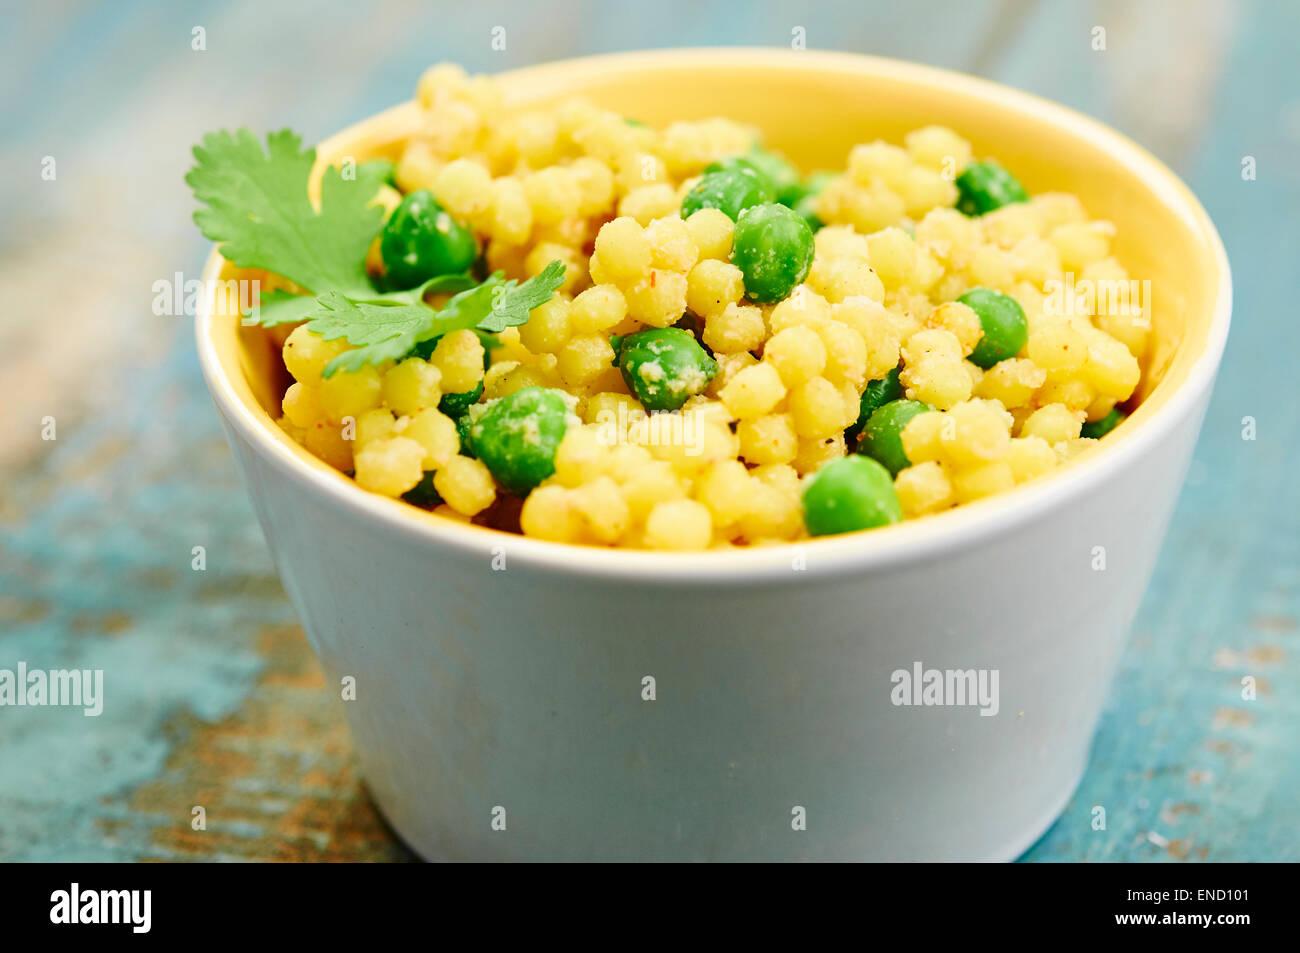 Dairy-free style de fromage avec salade de couscous et gros pois. Photo Stock